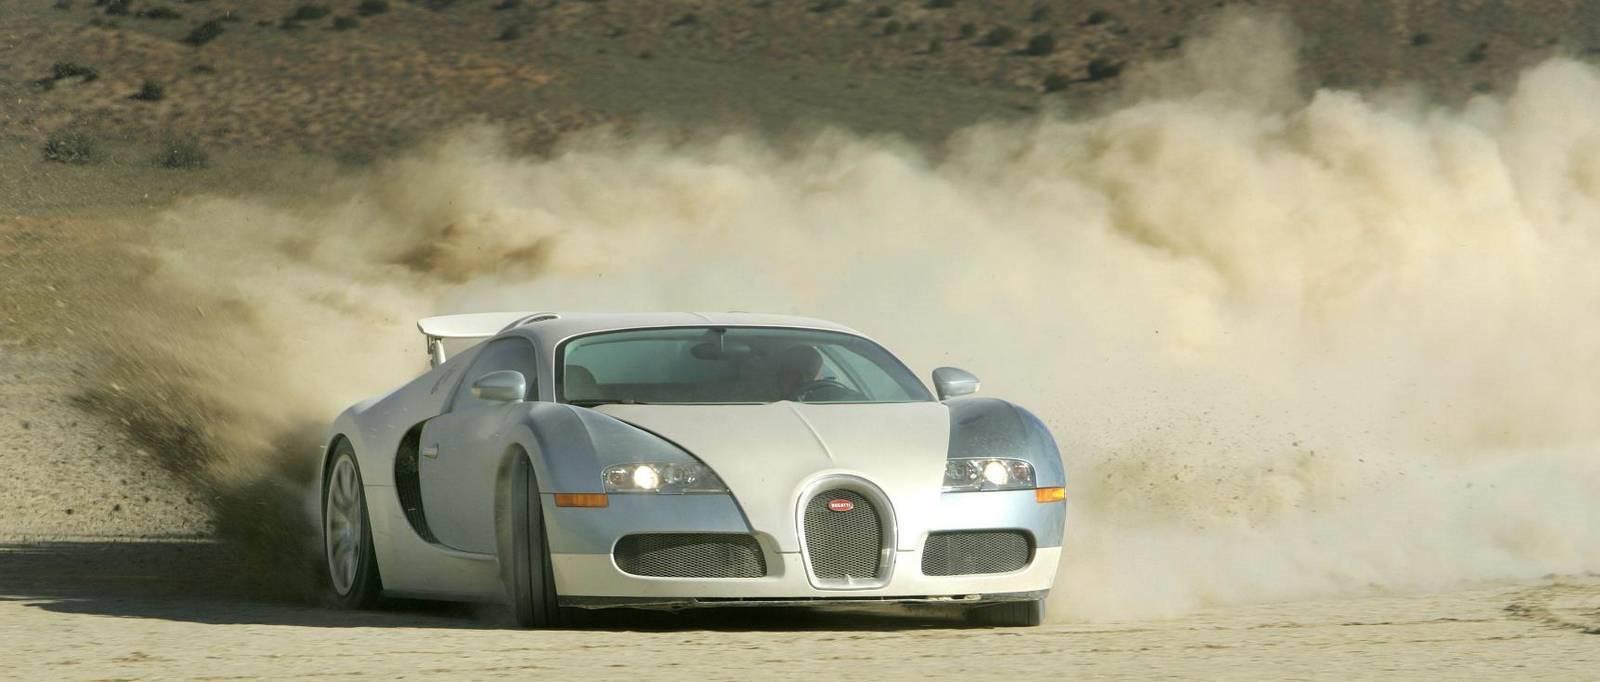 des-voitures-plus-rapides-et-a-la-silhouette-plus-agressive-q-une-formule-1-regardez-ceci-684-2.jpg